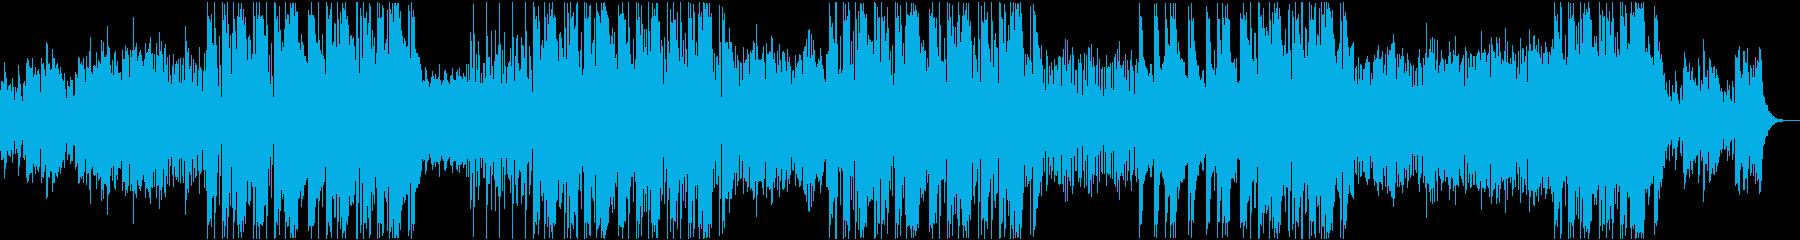 センチメンタルなCHILL系HIPHOPの再生済みの波形